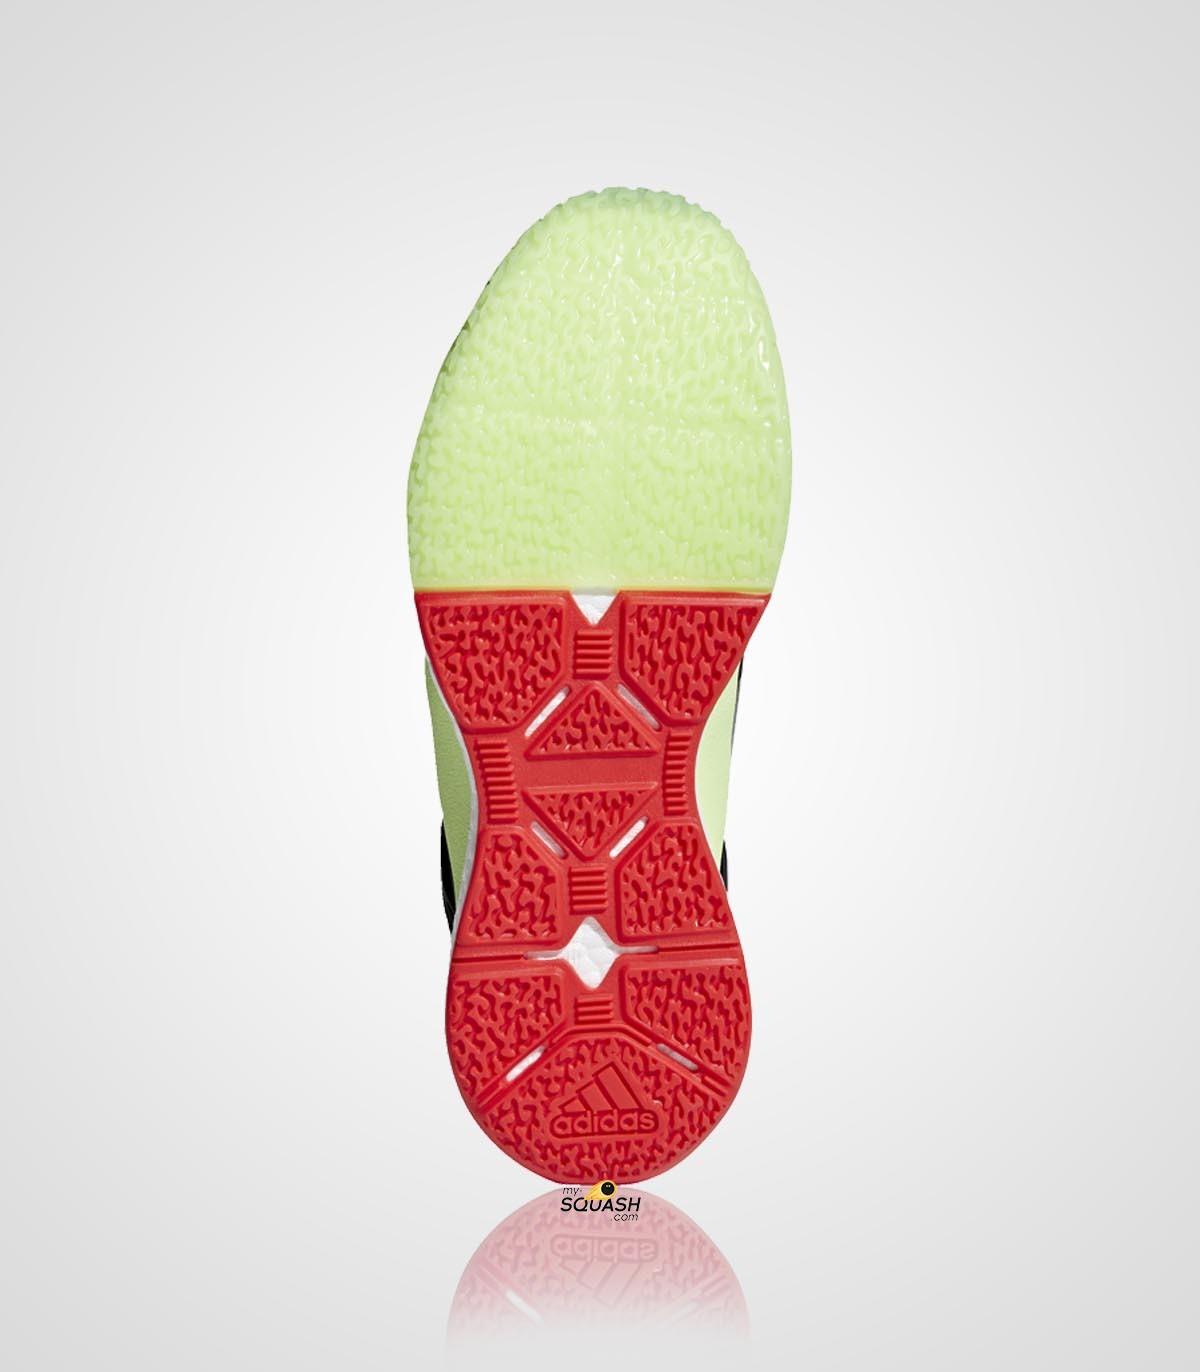 e3f22043f10 Adidas Stabil X Squash shoes